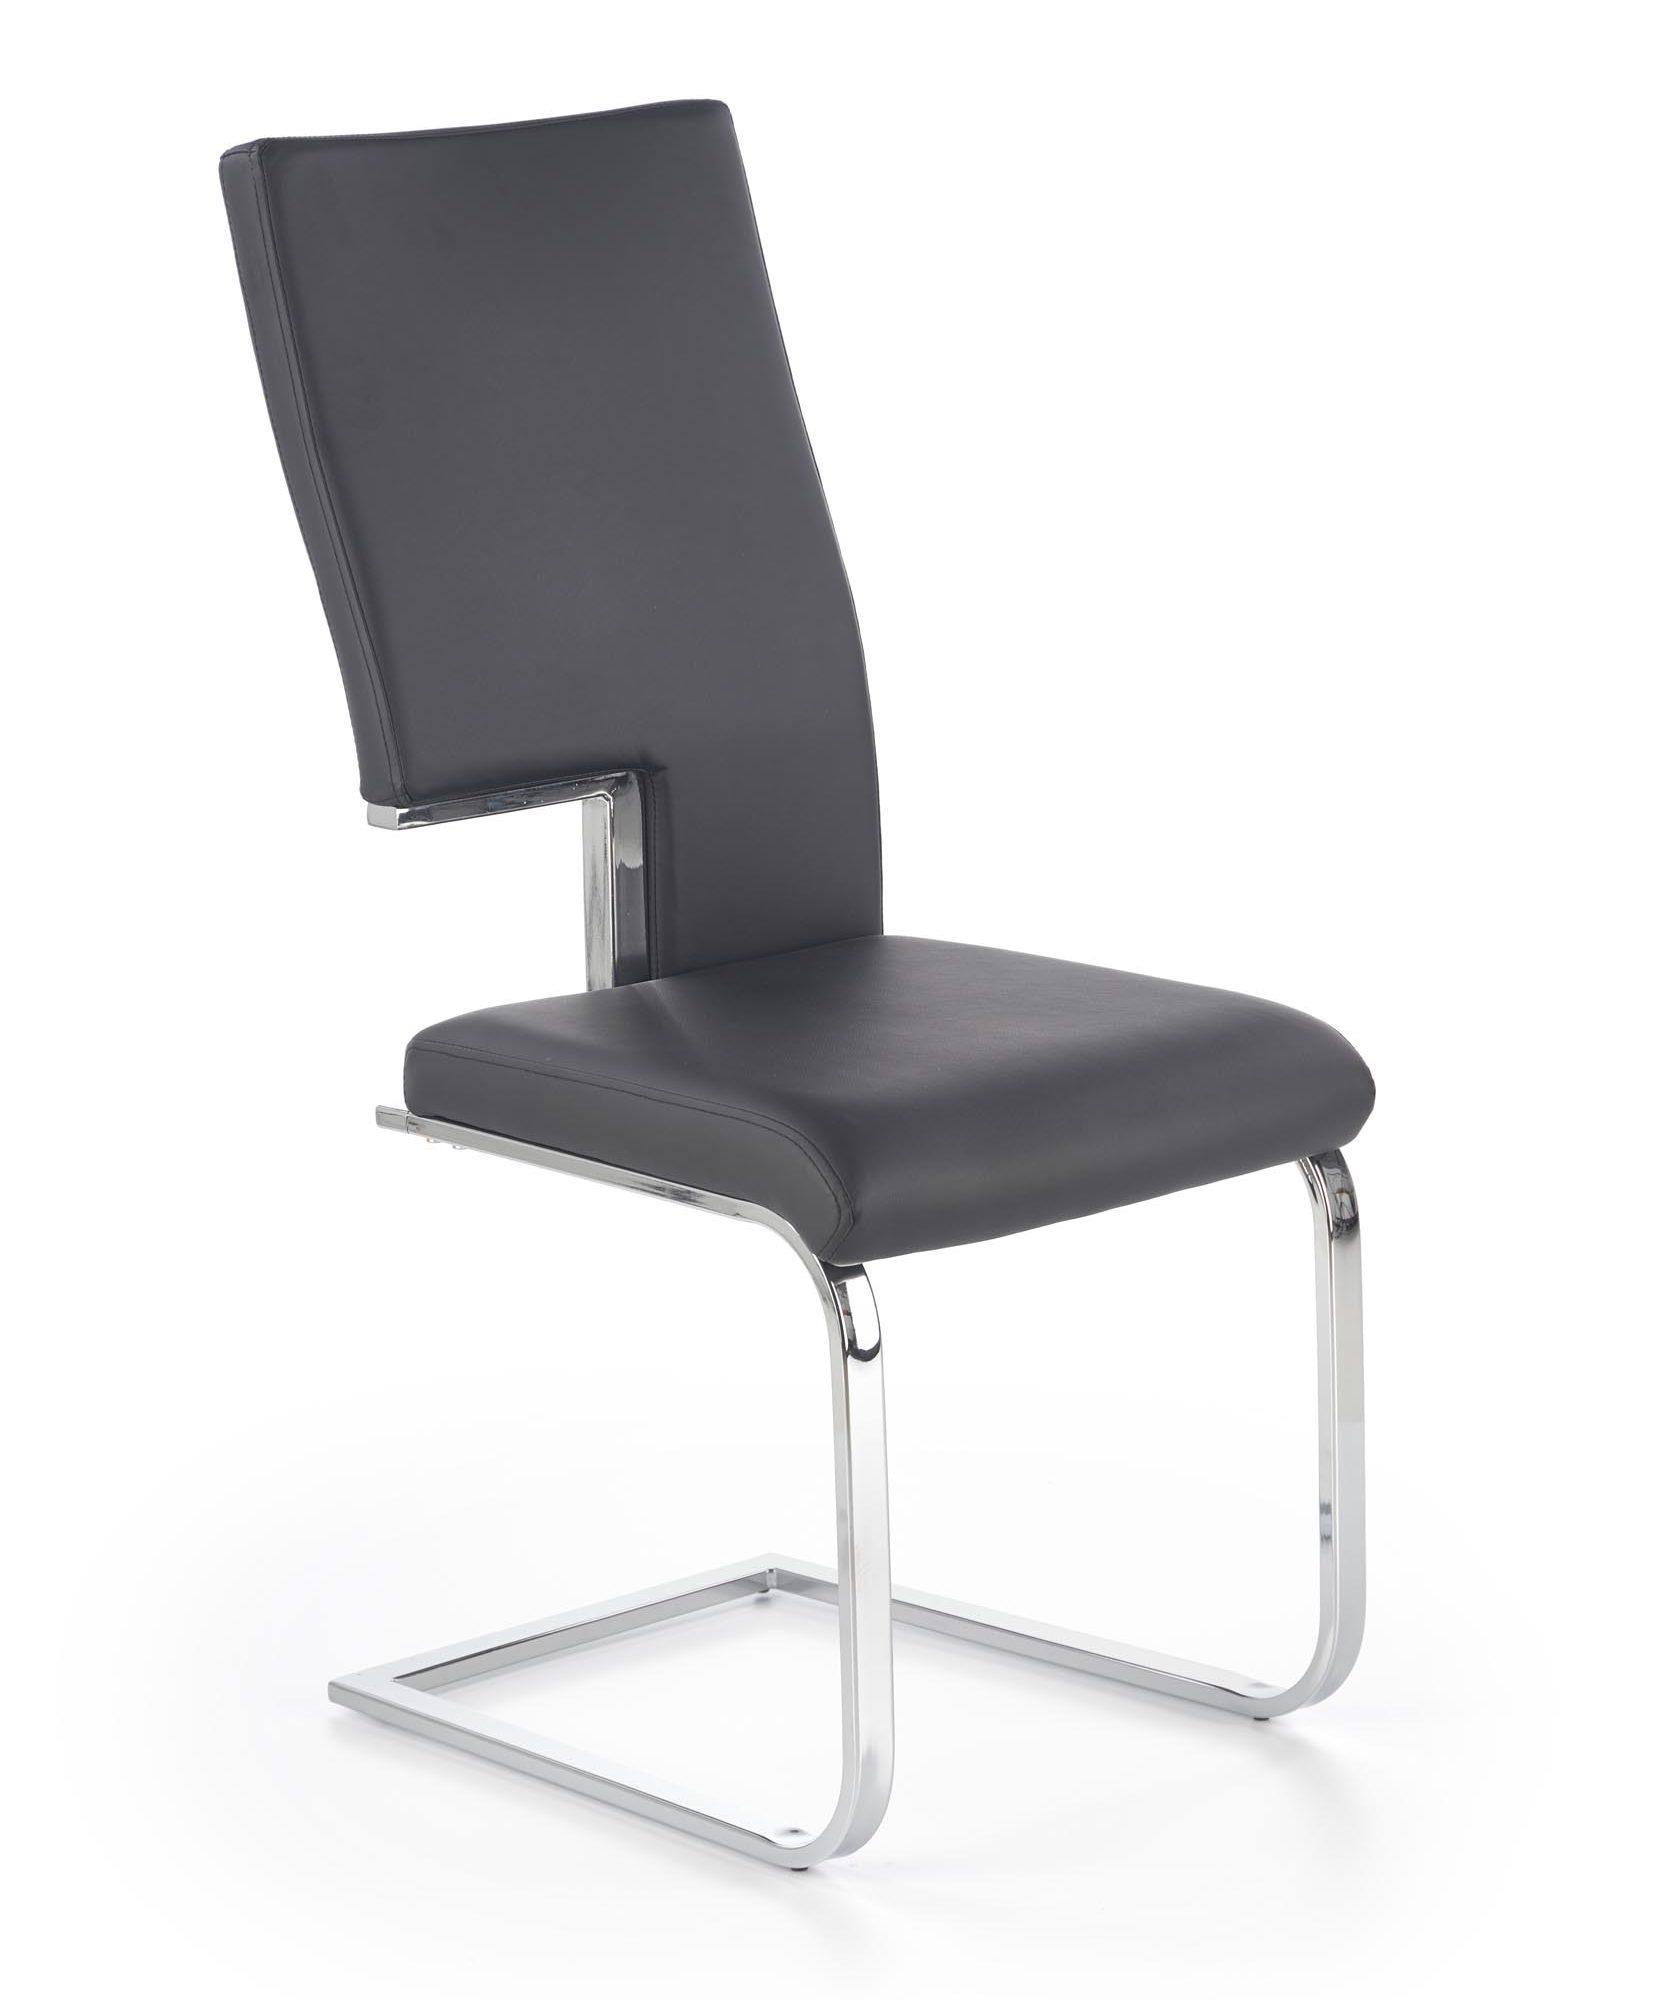 Jedálenská stolička - Halmar - K294. Sme autorizovaný predajca Halmar.